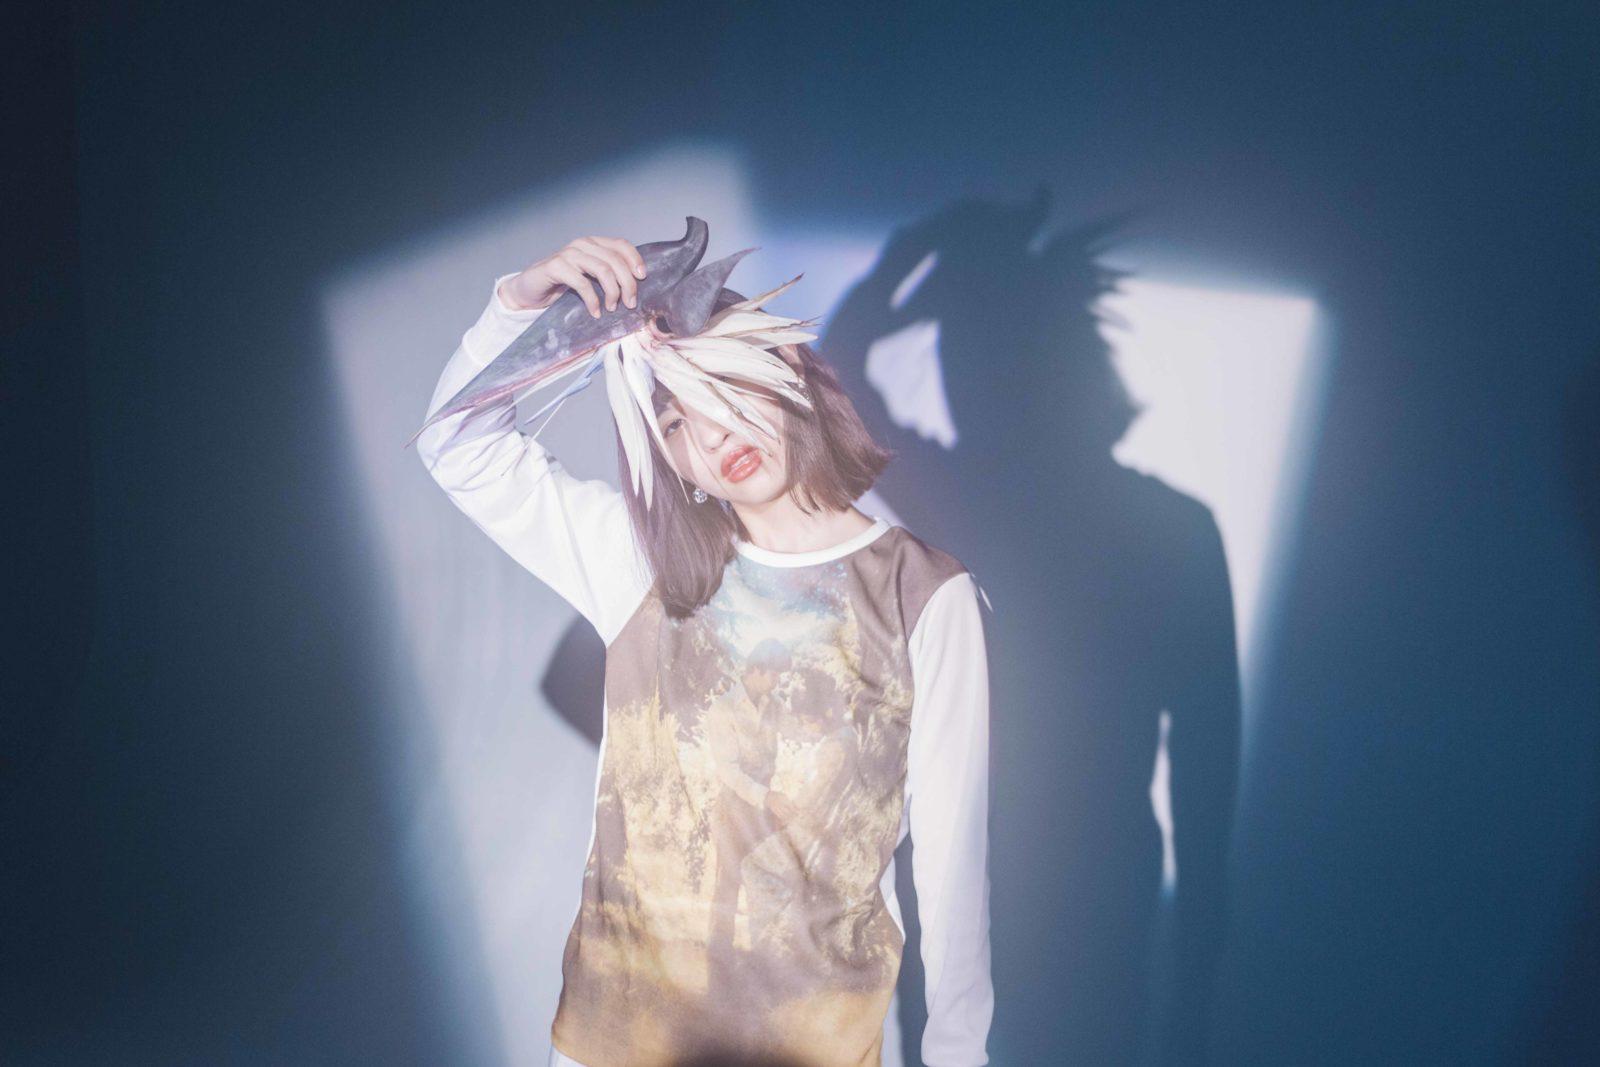 eillの2ndシングル「HUSH」は、高橋海(LUCKY TAPES)プロデュースによるラブソングサムネイル画像